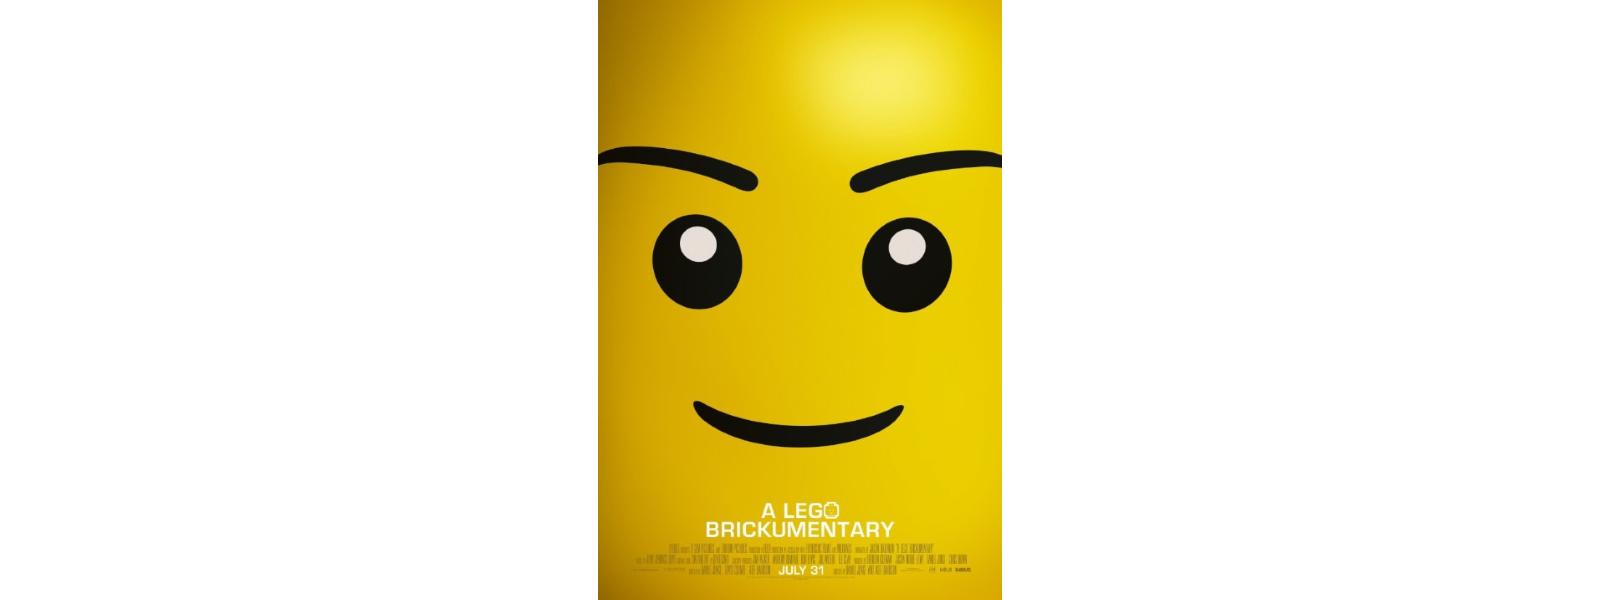 Brickumentary Poster 1600×600